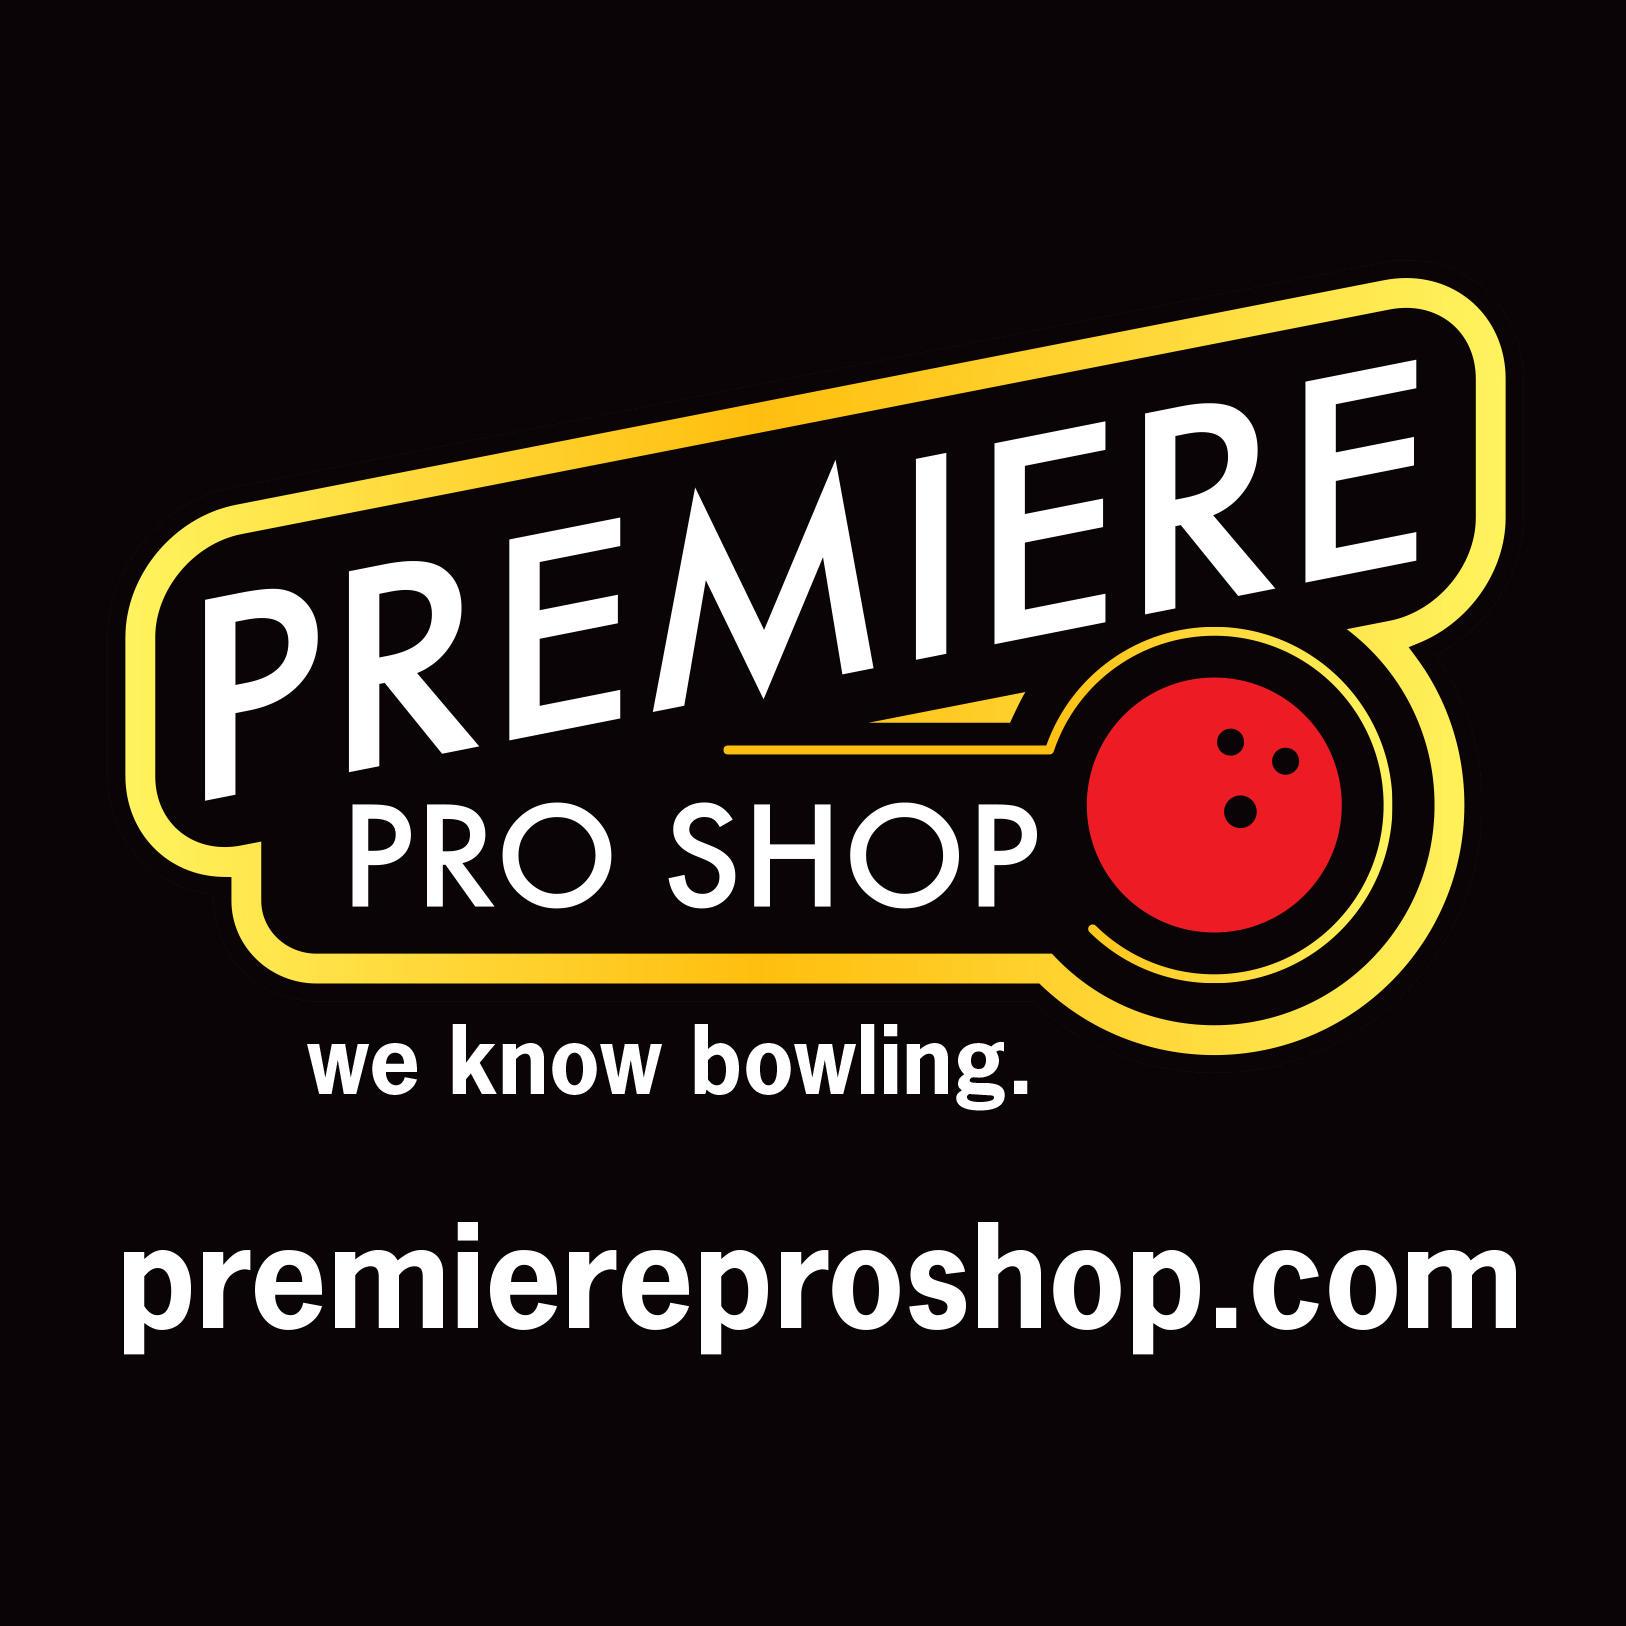 Premiere Pro Shop